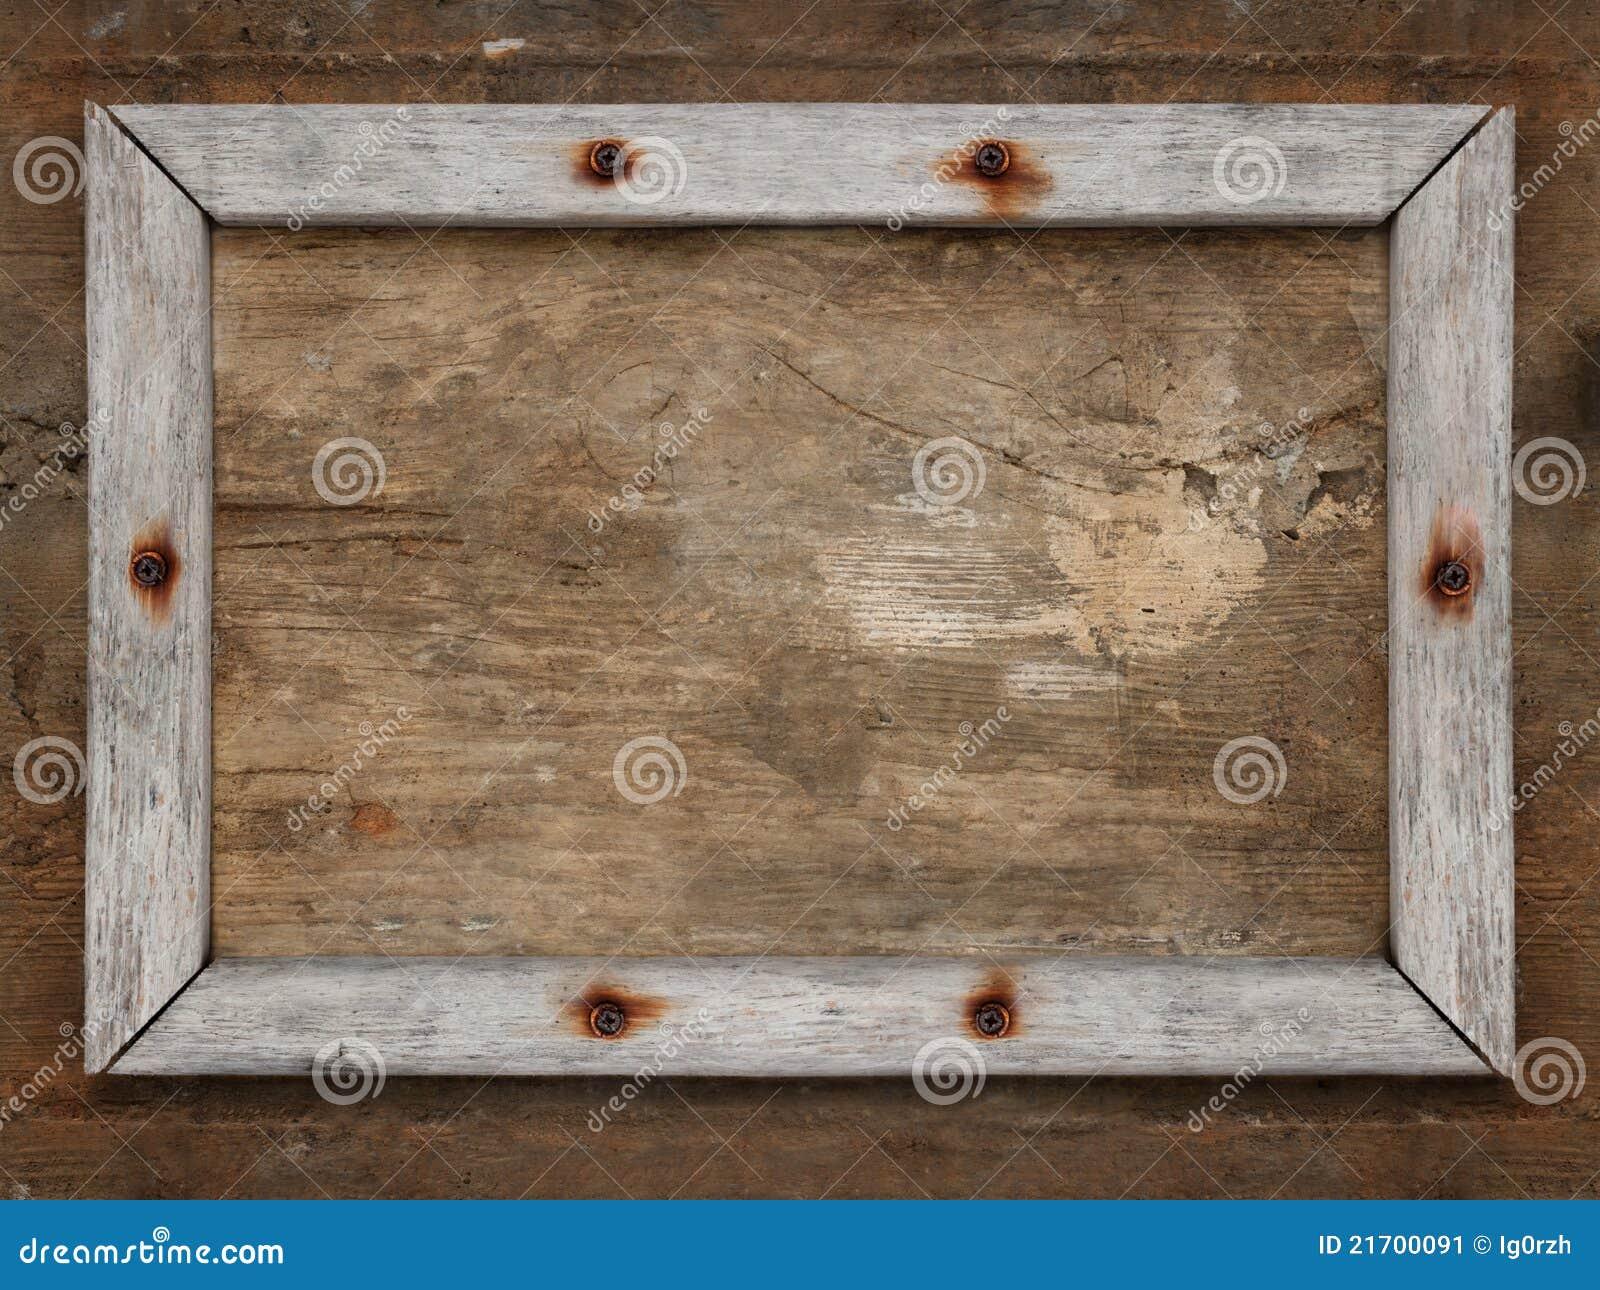 Alter Holzrahmen stockbild. Bild von holz, vorstand, wand - 21700091